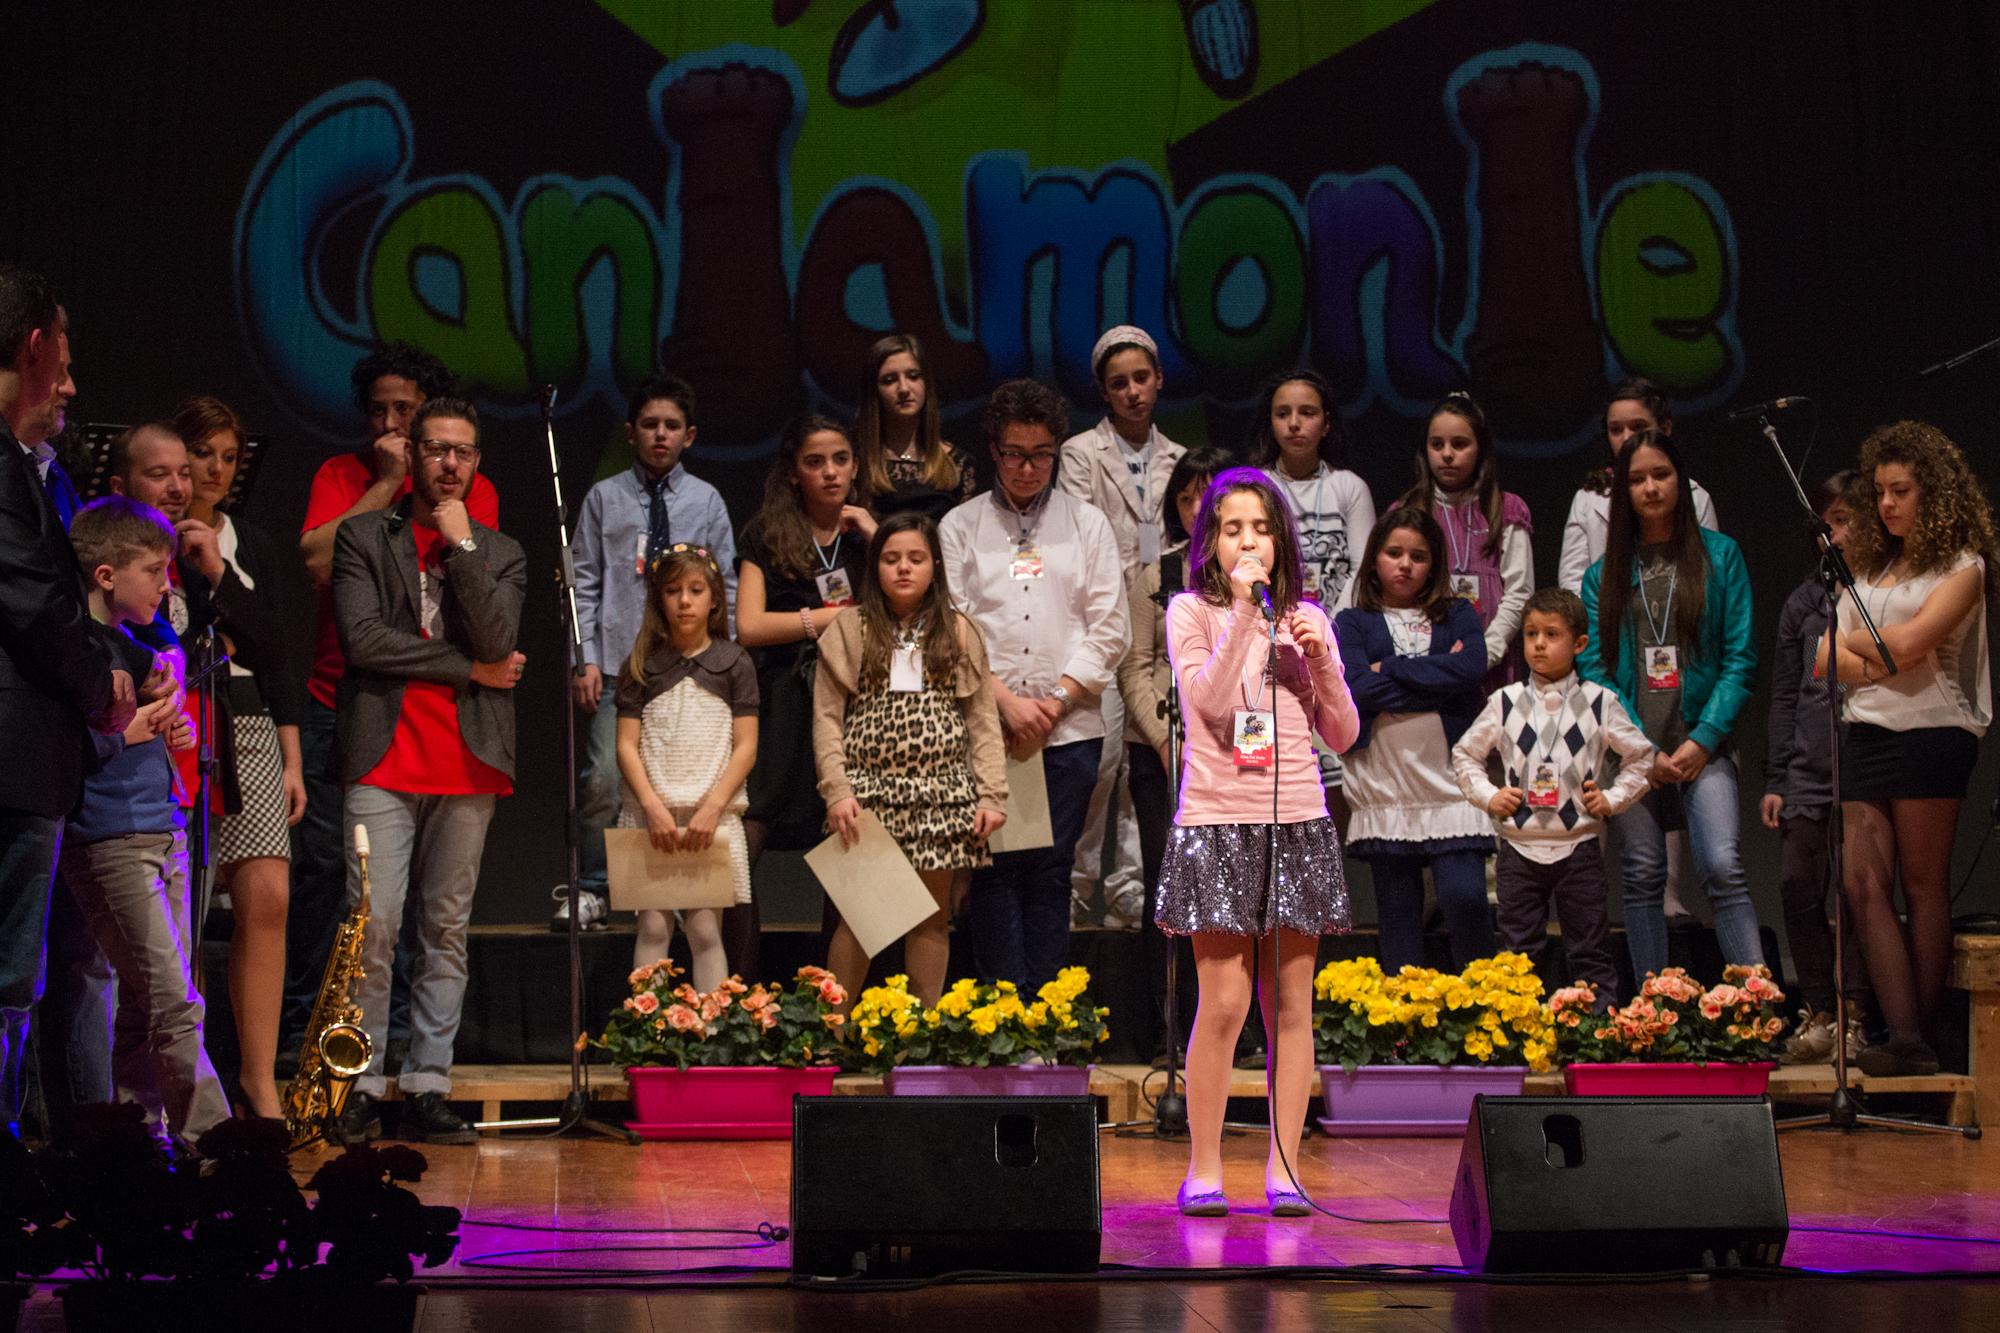 Foto del concorso canoro per bambini Cantamonte Open